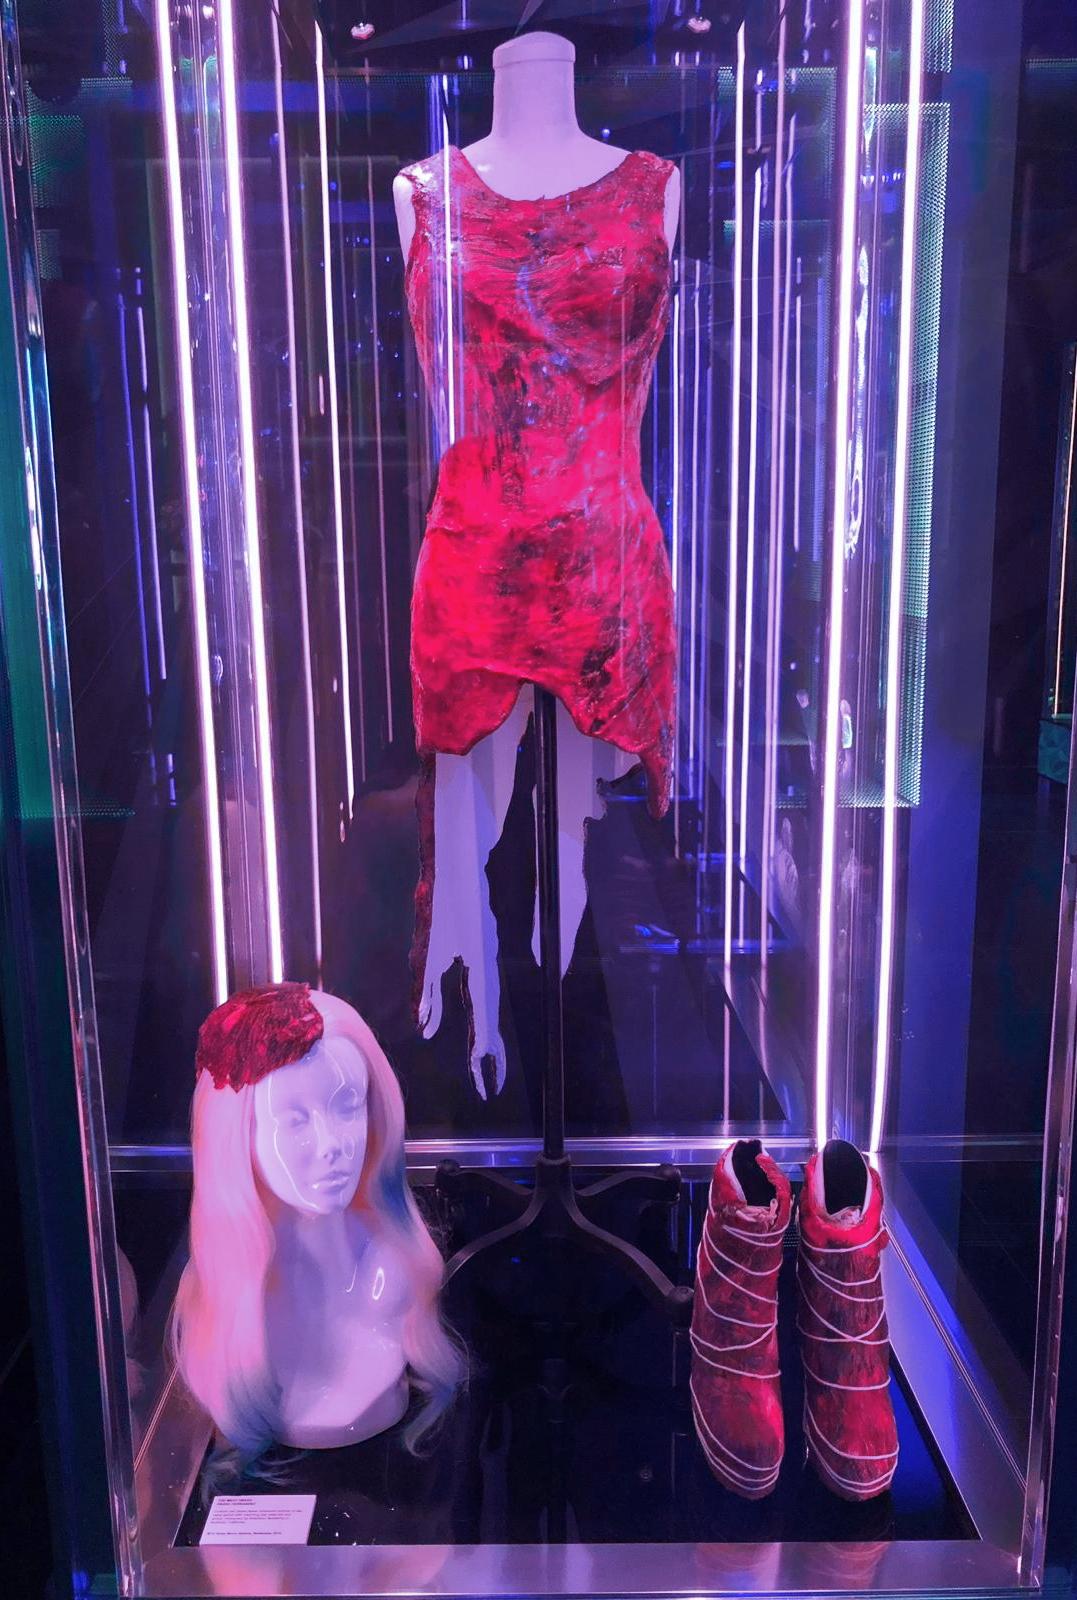 ליידי גאגא האוס אוף גאגא מה לעשות בלאס וגאס הכי שווה